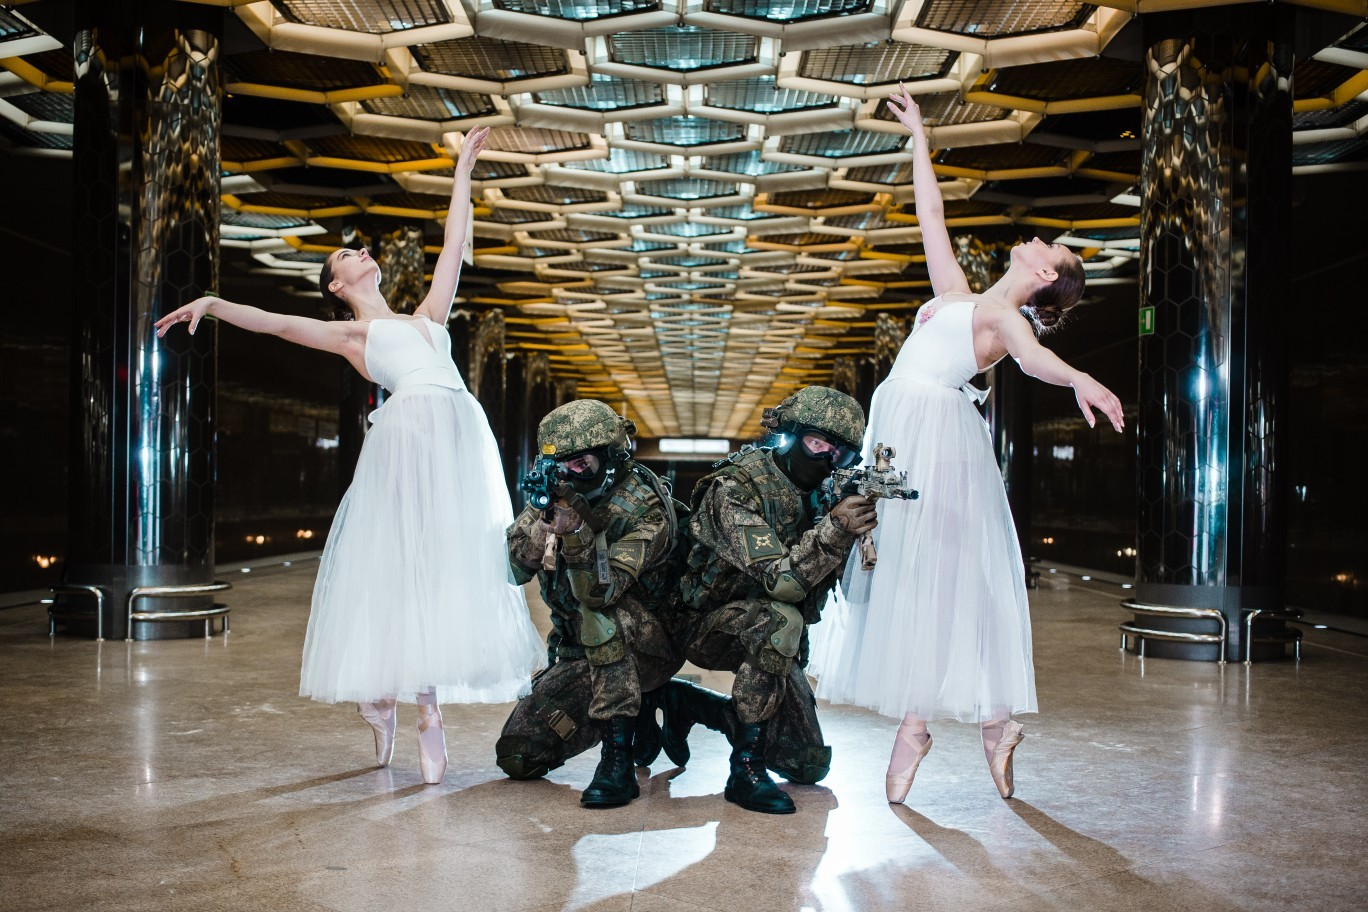 Kreativ oder Bizarr? Russisches Militär gratuliert den Frauen mit Ballerina-Fotos und Panzer-Ballett